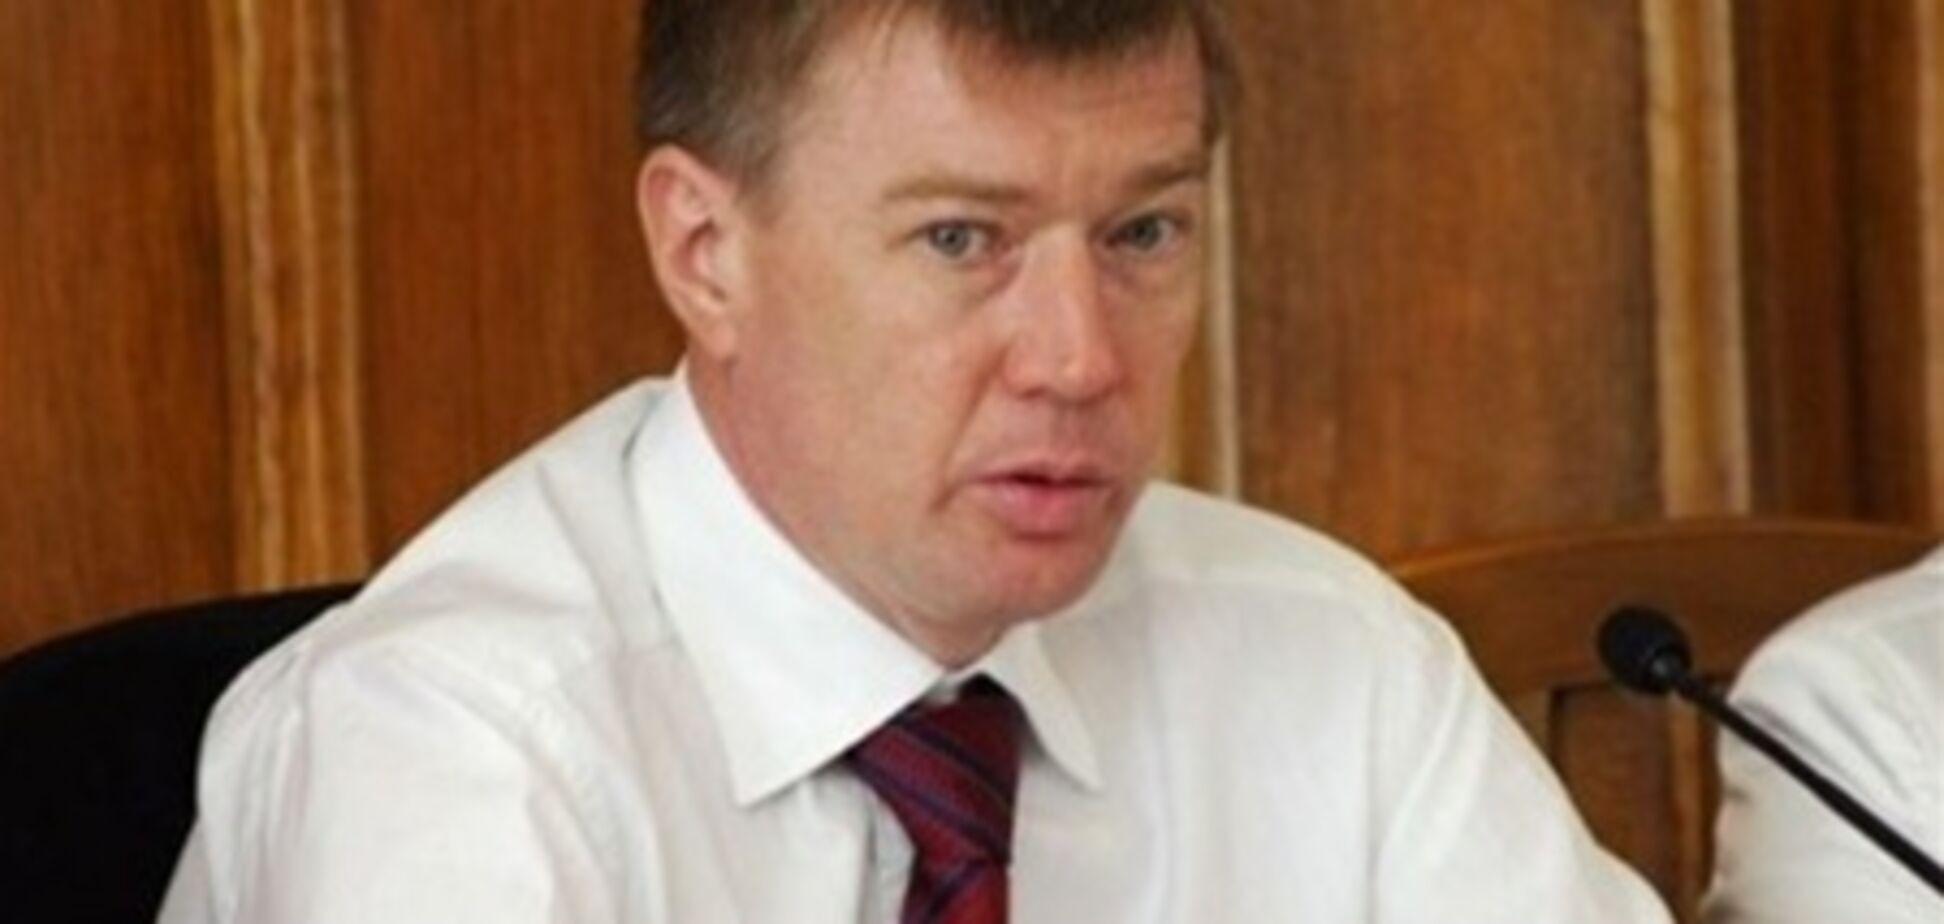 Губернатор Кіровоградщини про побиття росіян: ніхто нікого не покривав